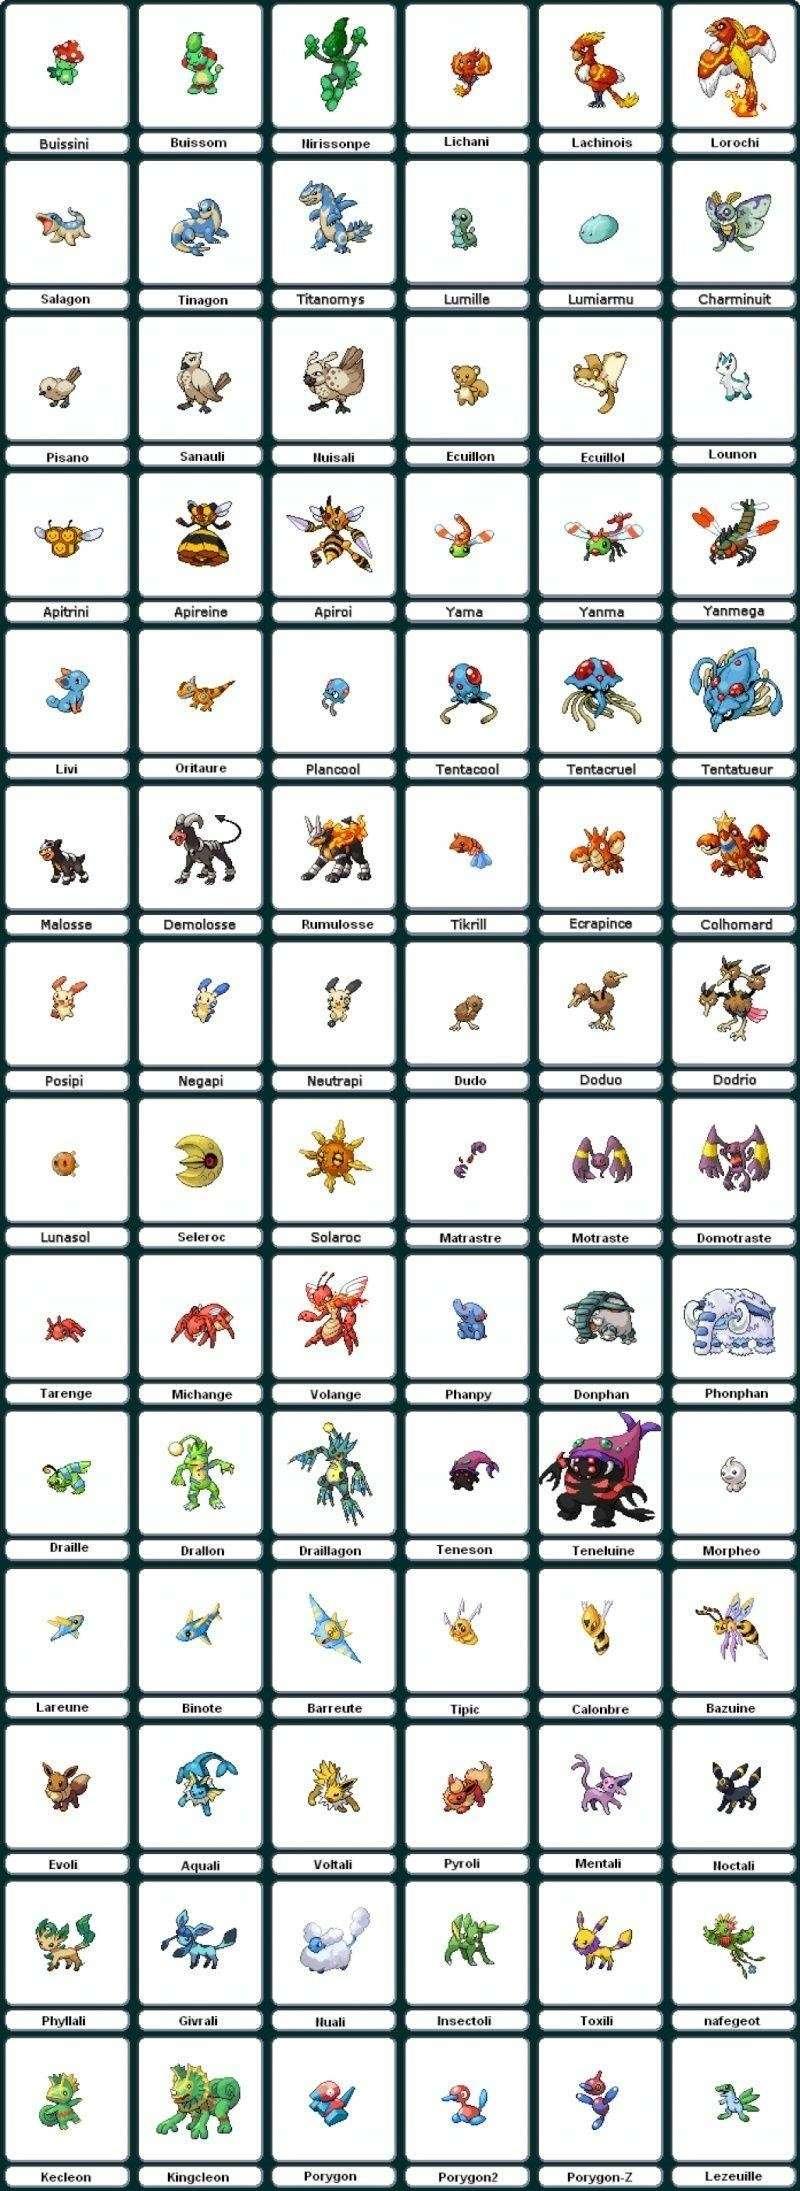 Les Nouveaux Pokémons 11111011